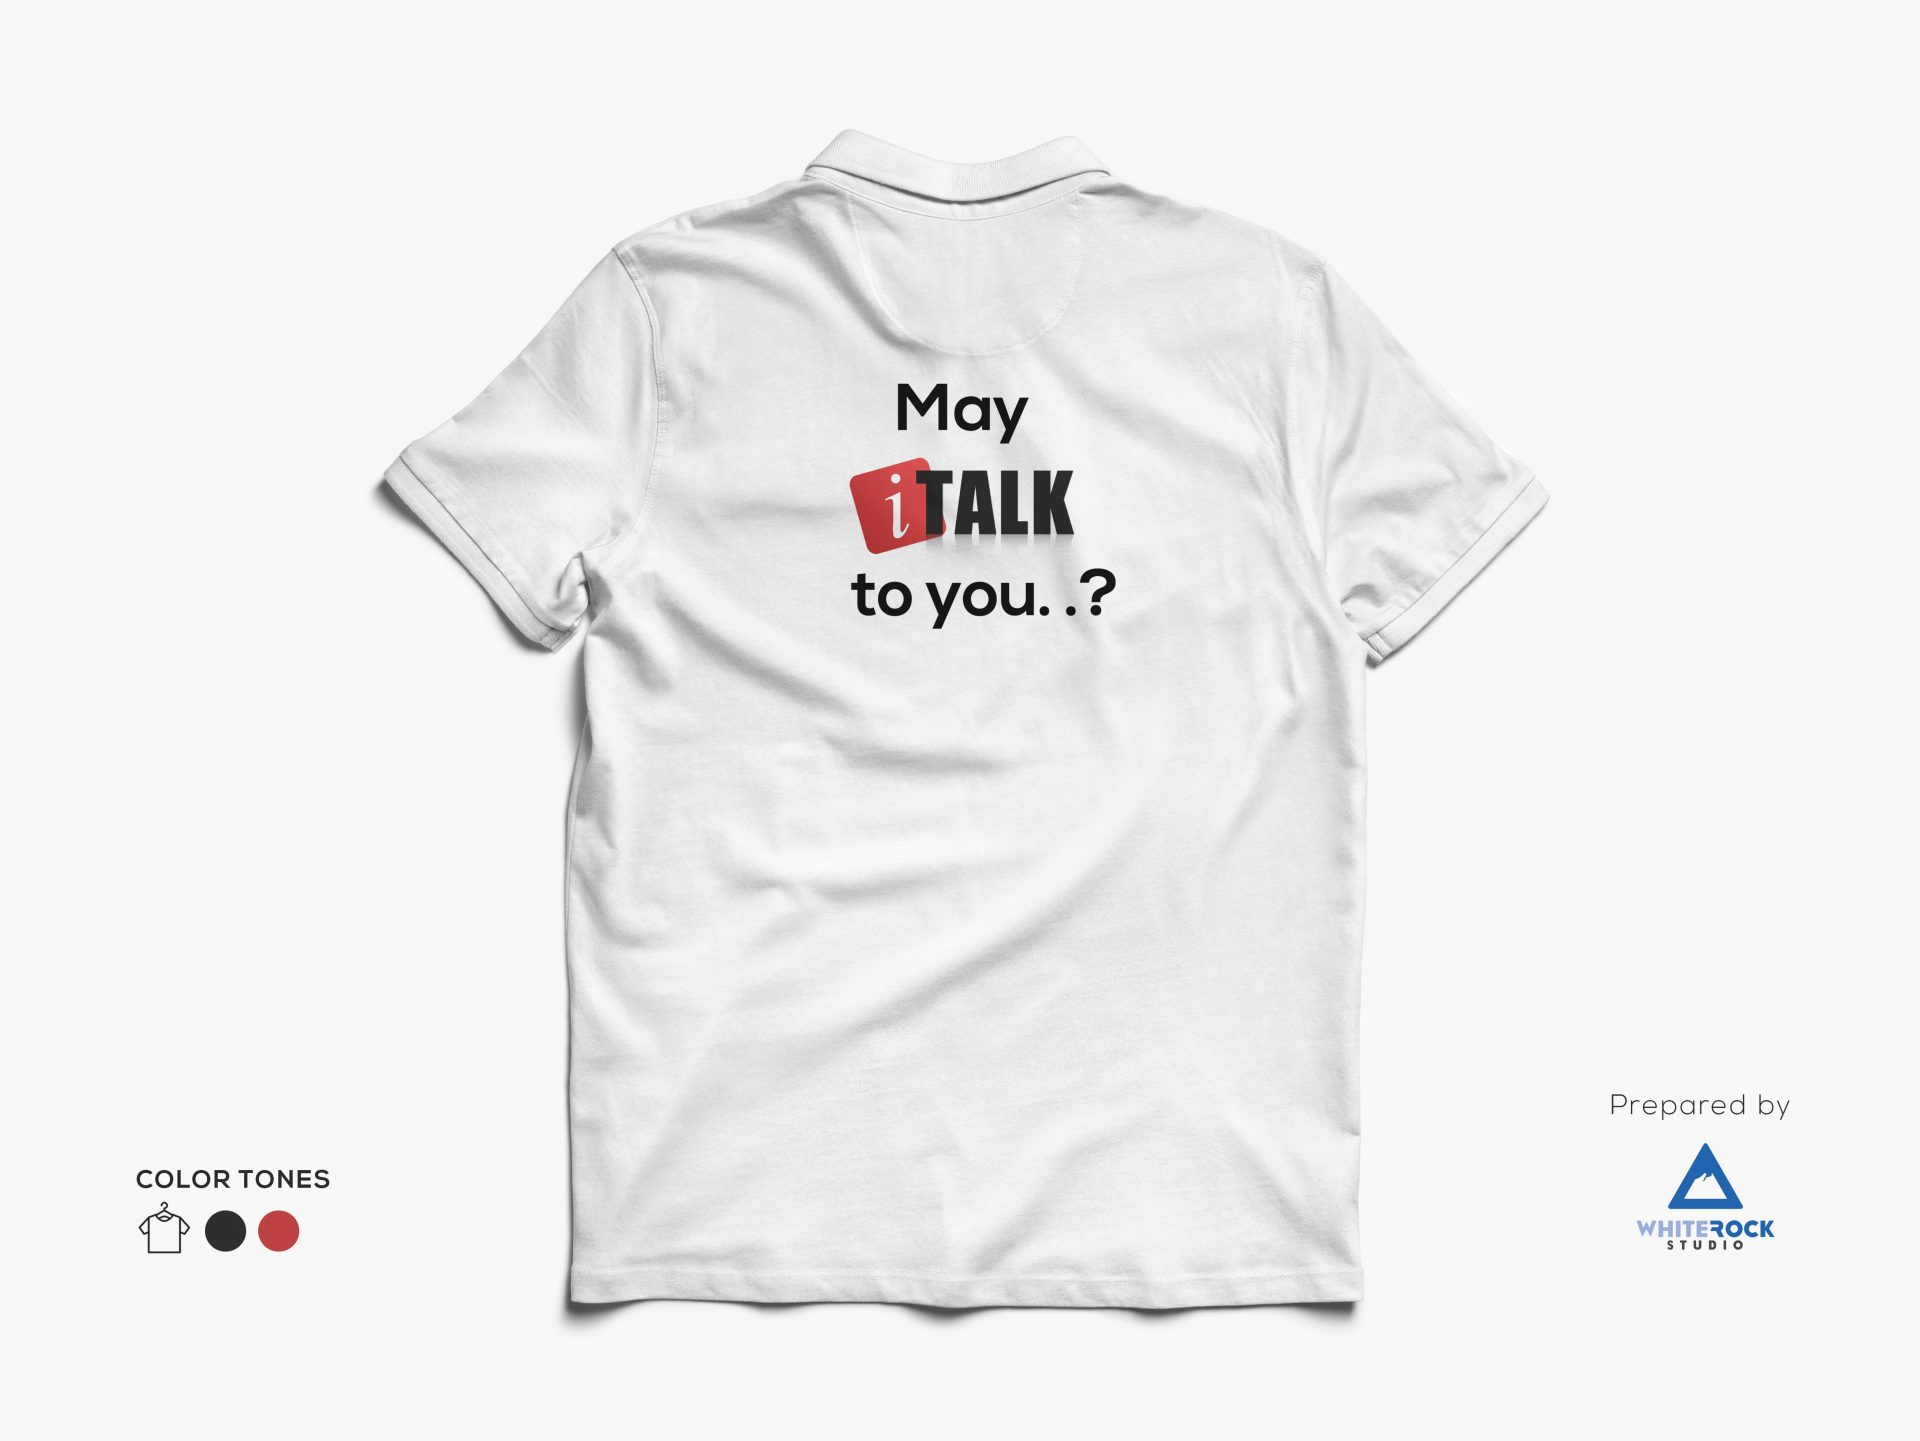 I Talk – Apparel Design